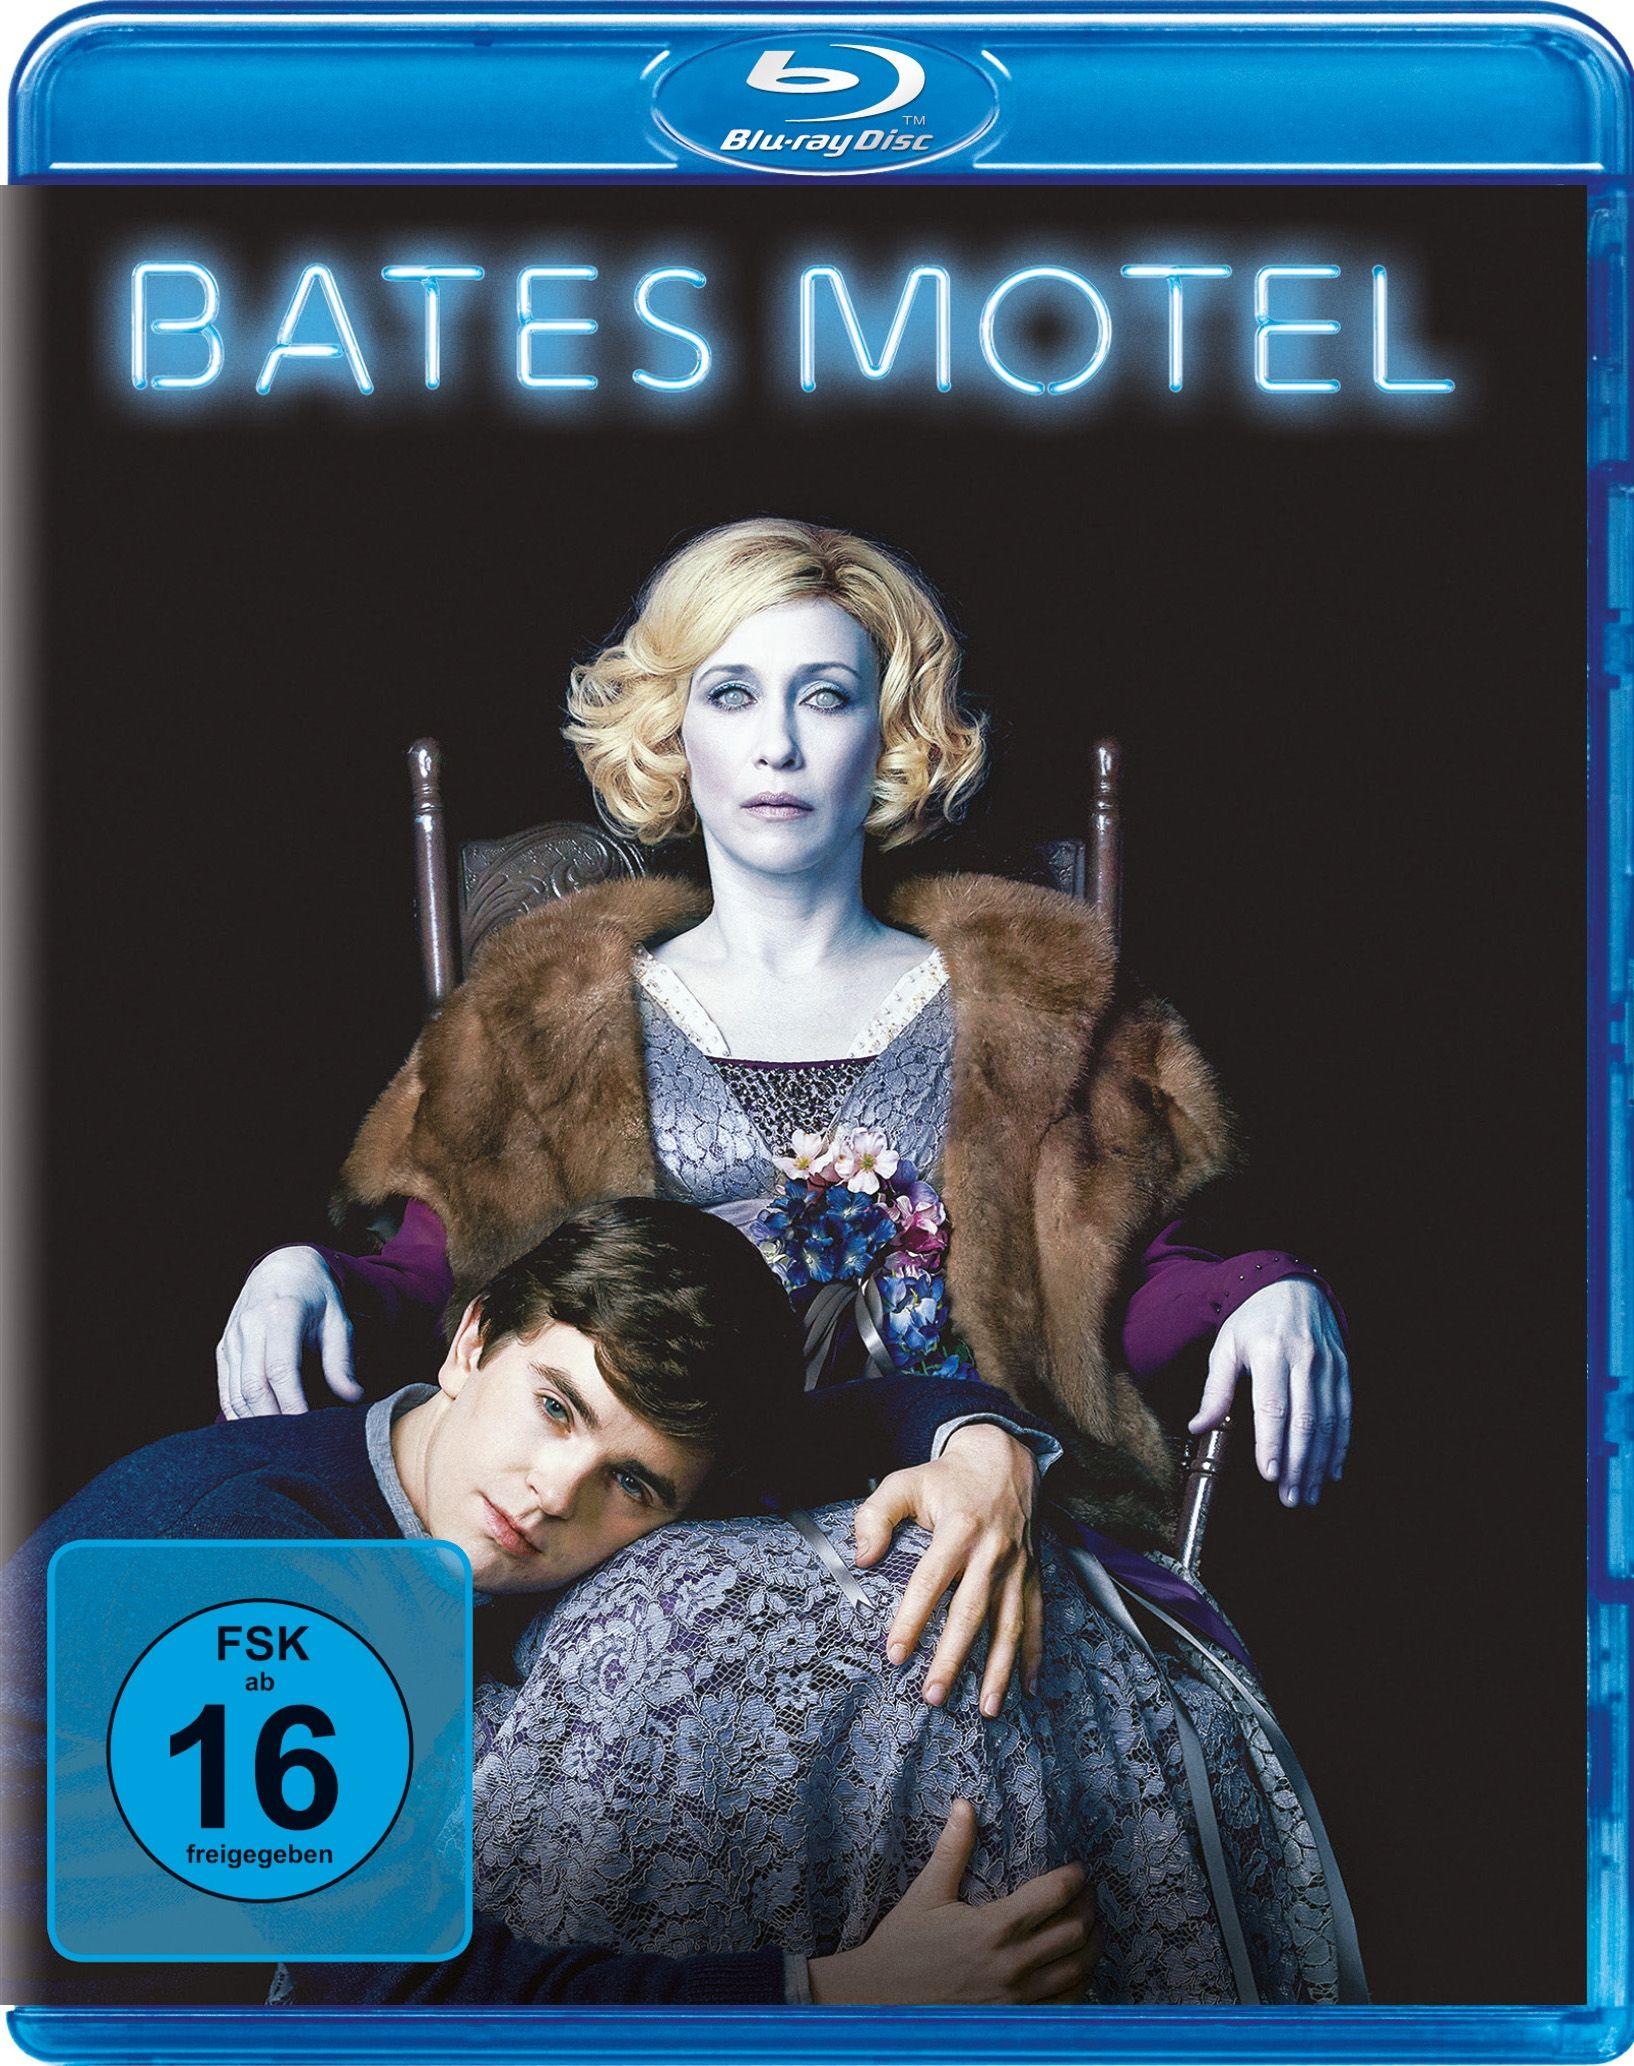 Bates Motel - Season 5 (2 Discs) (BLURAY)